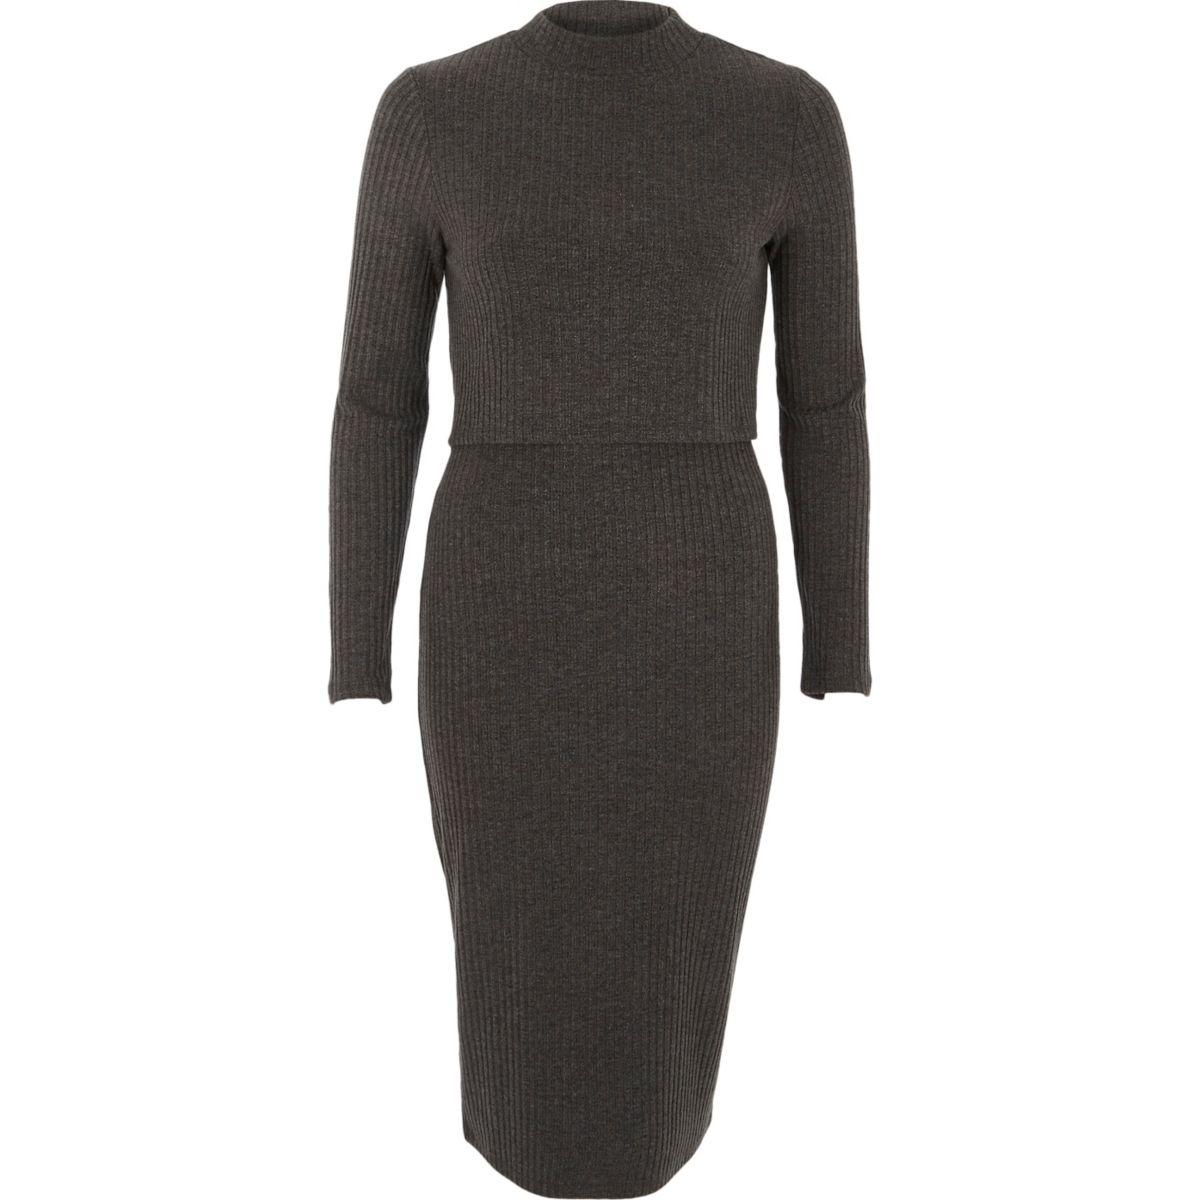 Donkergrijze geribbelde midi-jurk met lagen en hoge halslijn